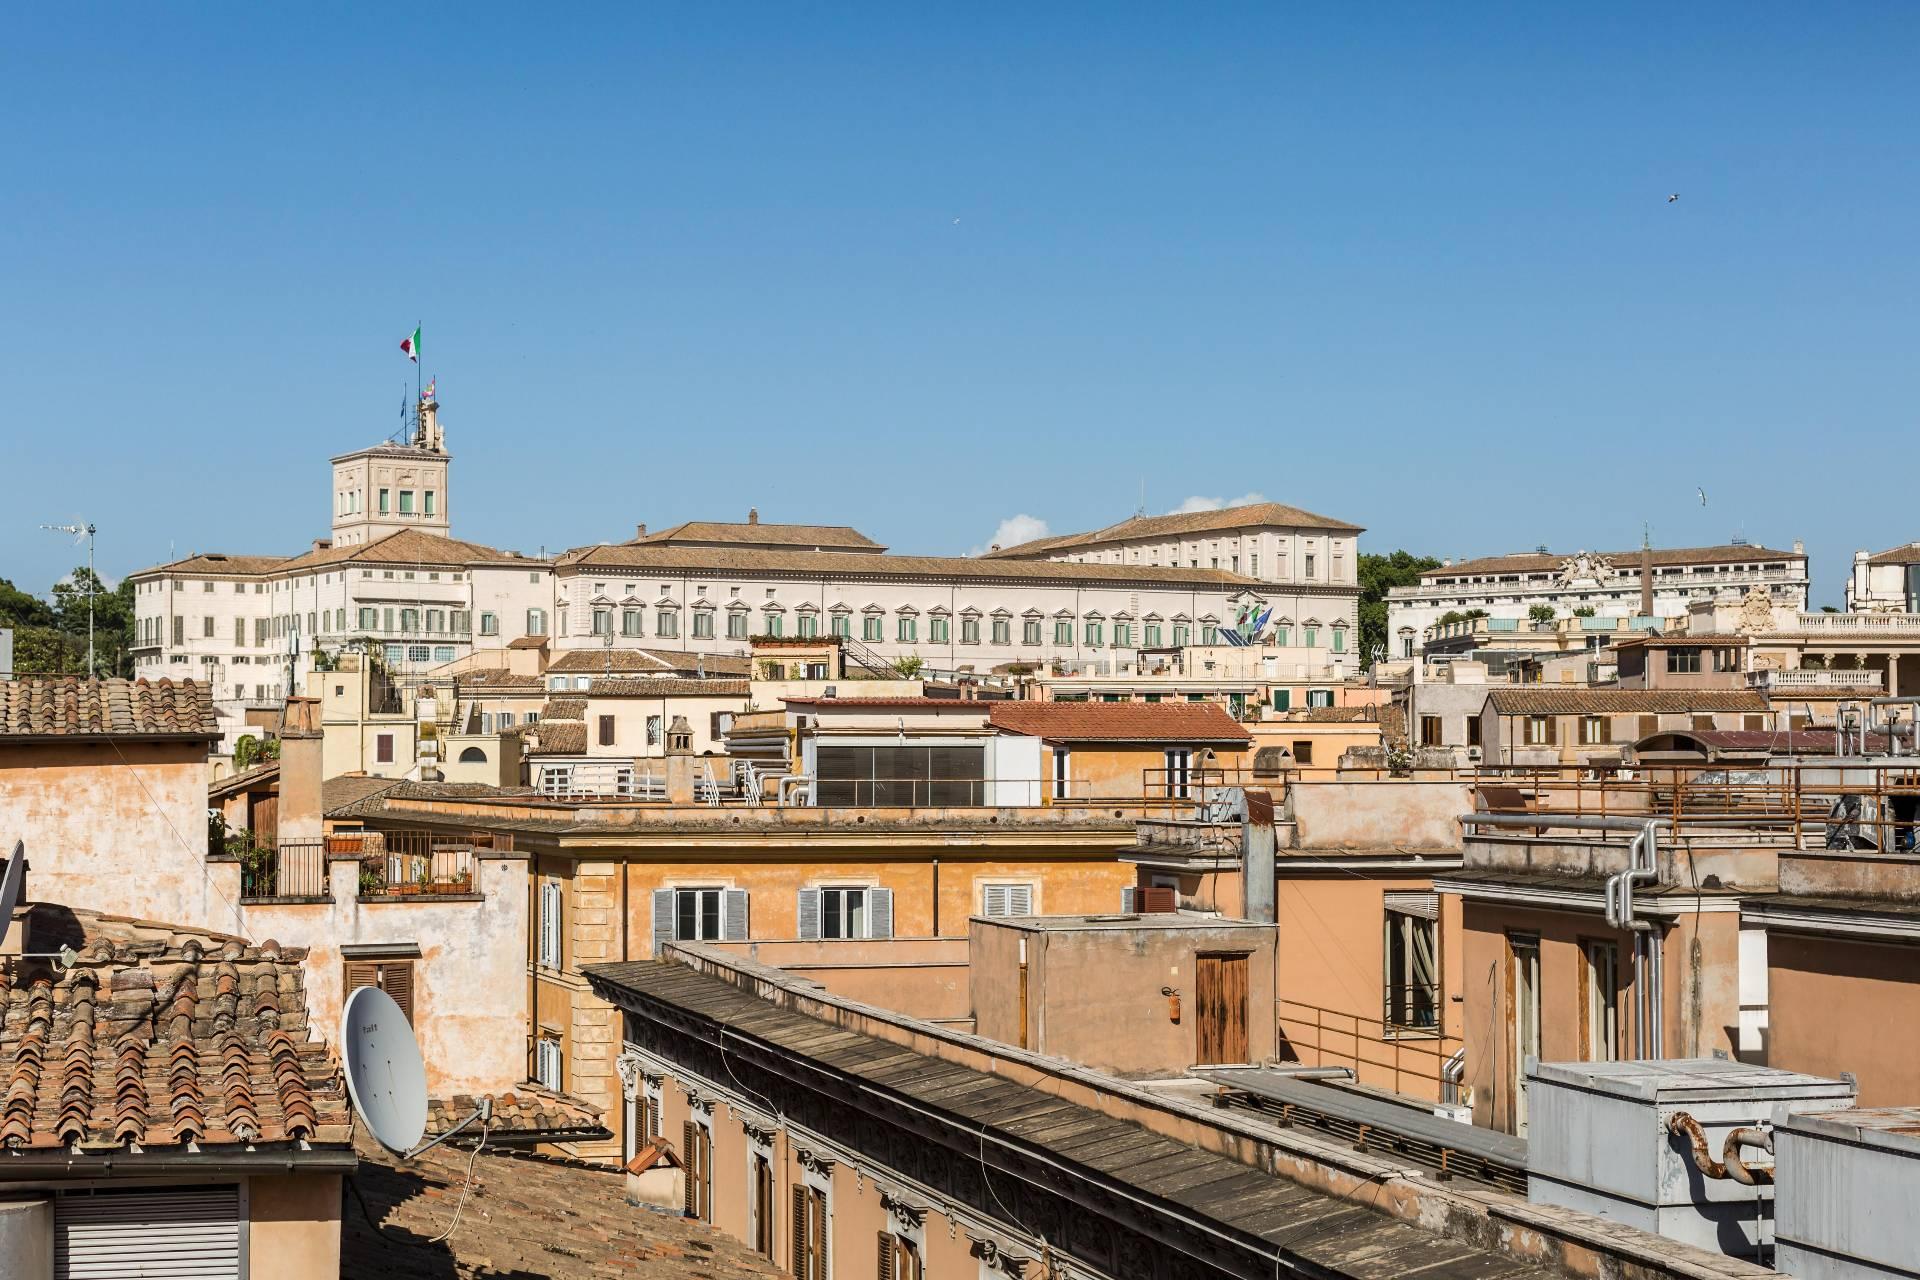 Cbi072 ex794 attico in vendita a roma centro storico for Vendita appartamenti centro storico roma